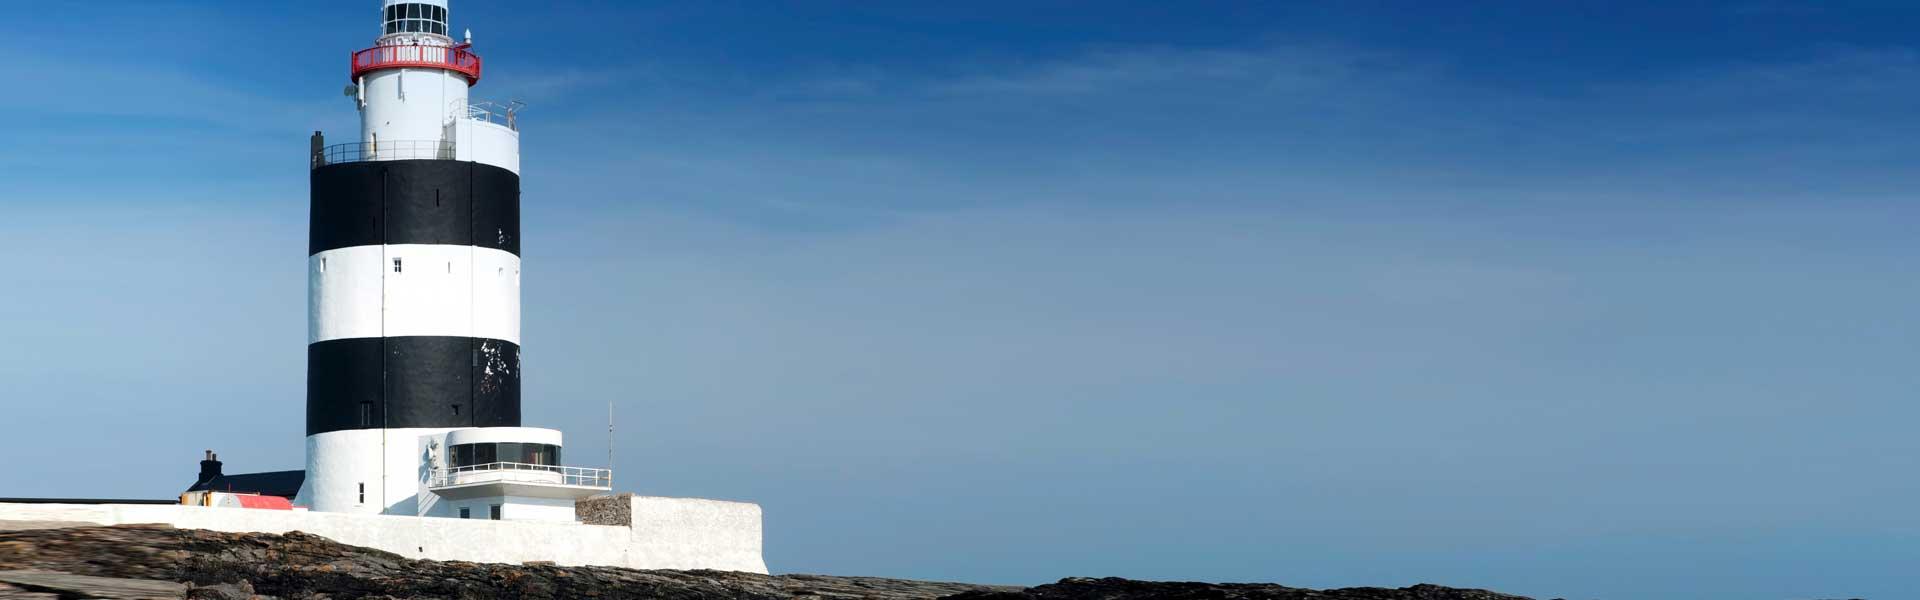 Besuchen Sie das beeindruckende Ostufer des Waterford Harbour – bestaunen Sie die Insel Hook Head